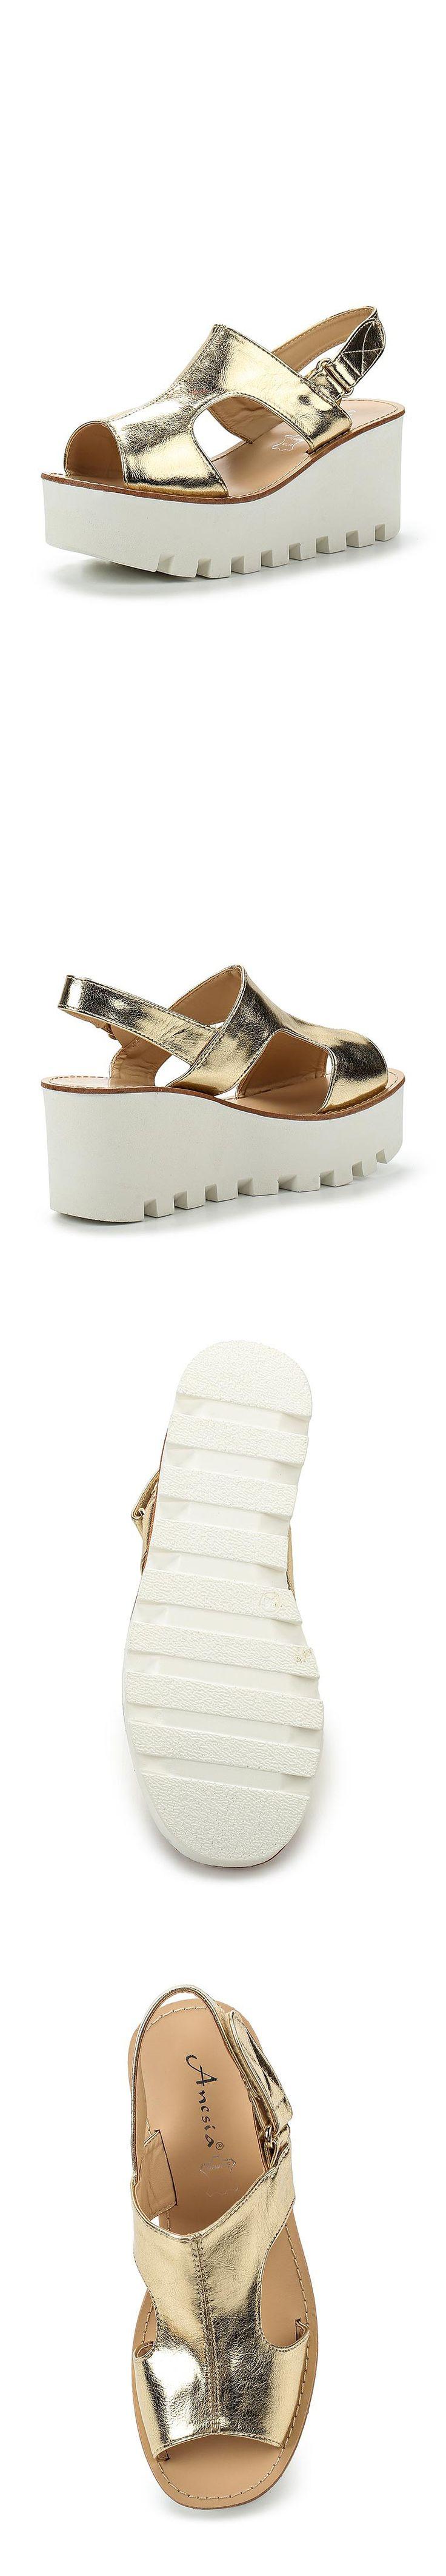 Женская обувь босоножки Anesia за 2999.00 руб.